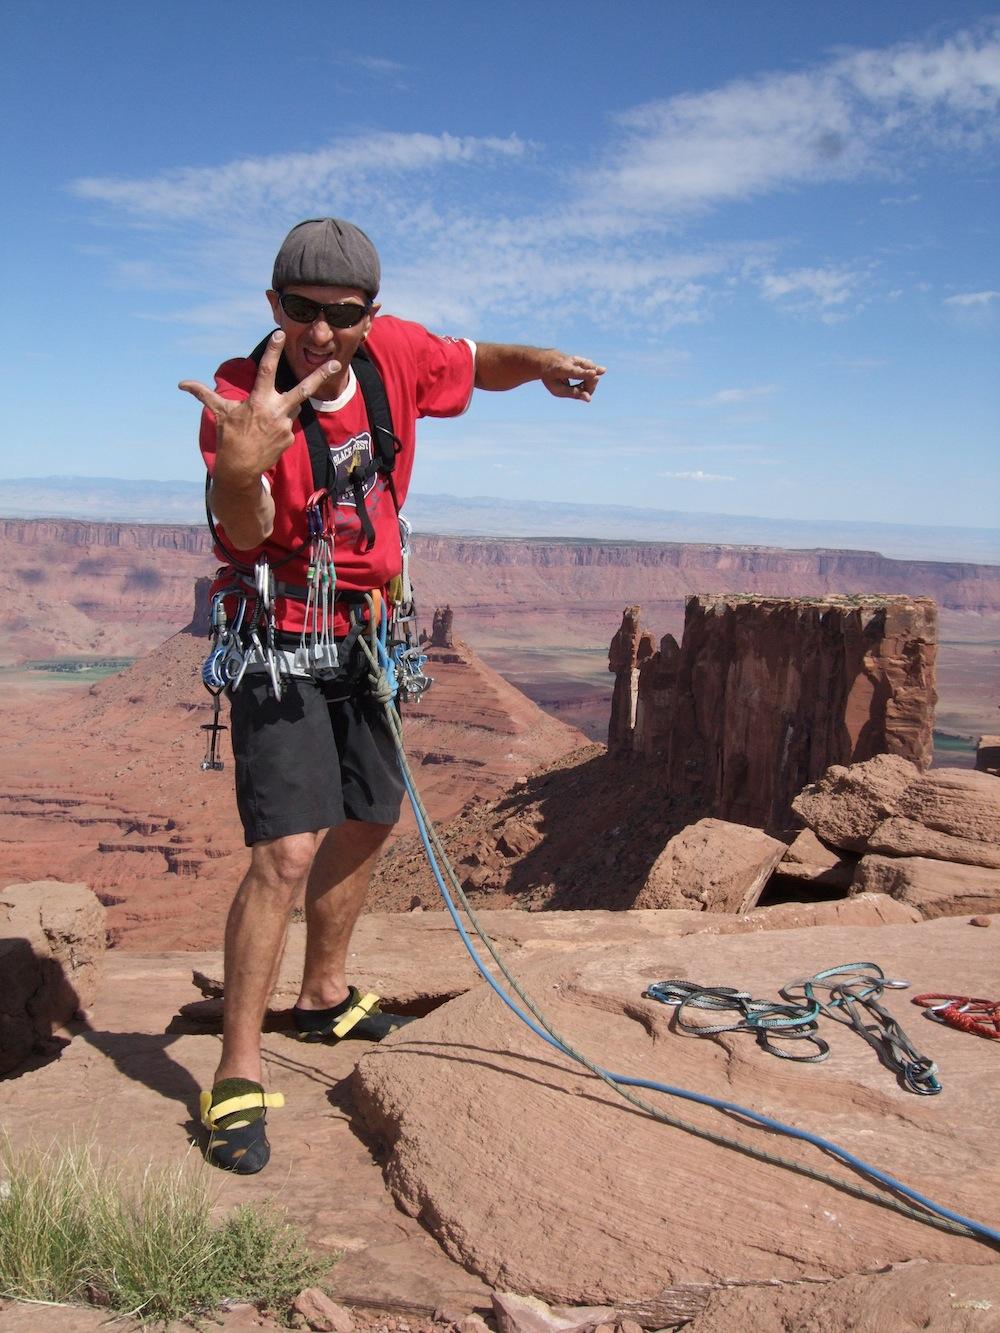 Sommet de Castleton Tower - Moab, Utah